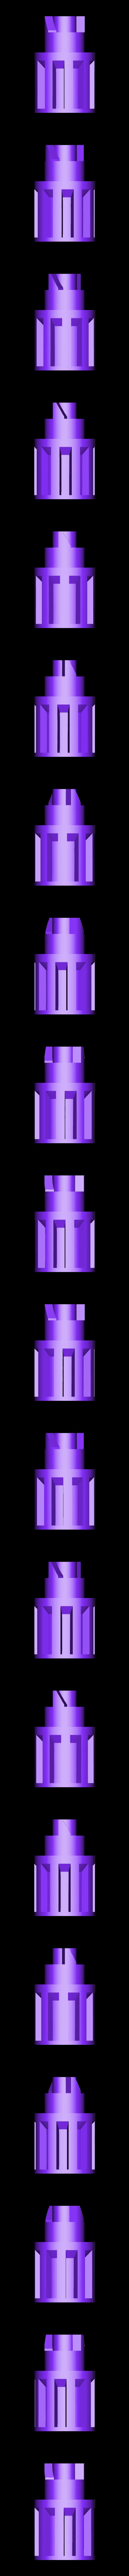 CouplingP2.stl Télécharger fichier STL gratuit Propeller launcher • Design à imprimer en 3D, BEEVERYCREATIVE